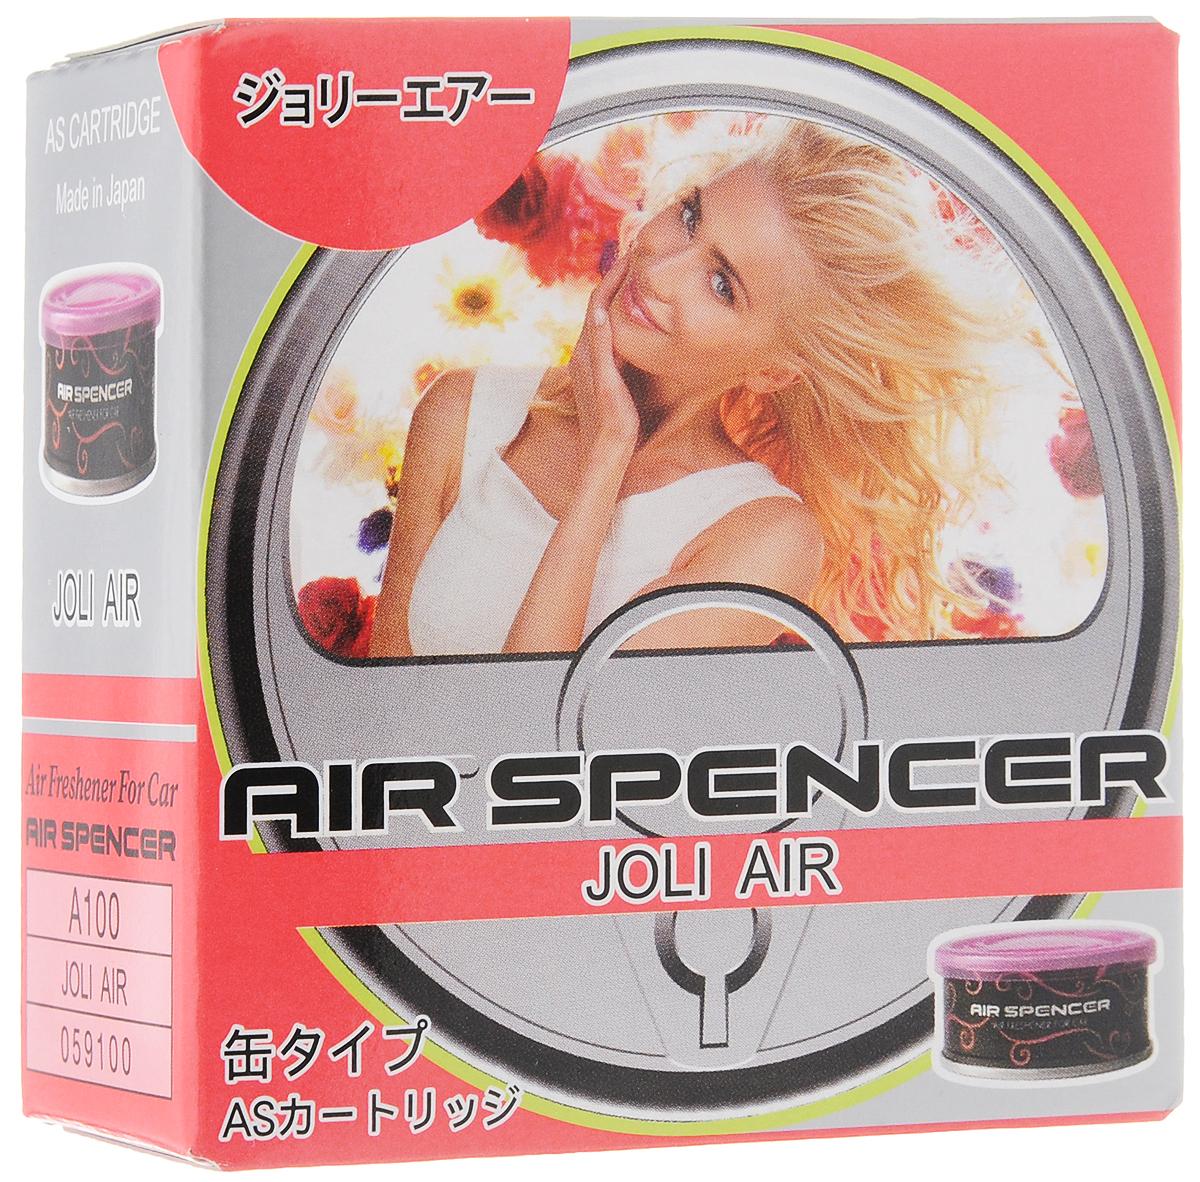 Ароматизатор автомобильный Eikosha Joli AirA-100Ароматизатор Eikosha Joli Air предназначен для размещения в автомобиле. Изделие крепится с помощью двухсторонней клейкой ленты. Ароматизатор обладает мягким и утонченным запахом.